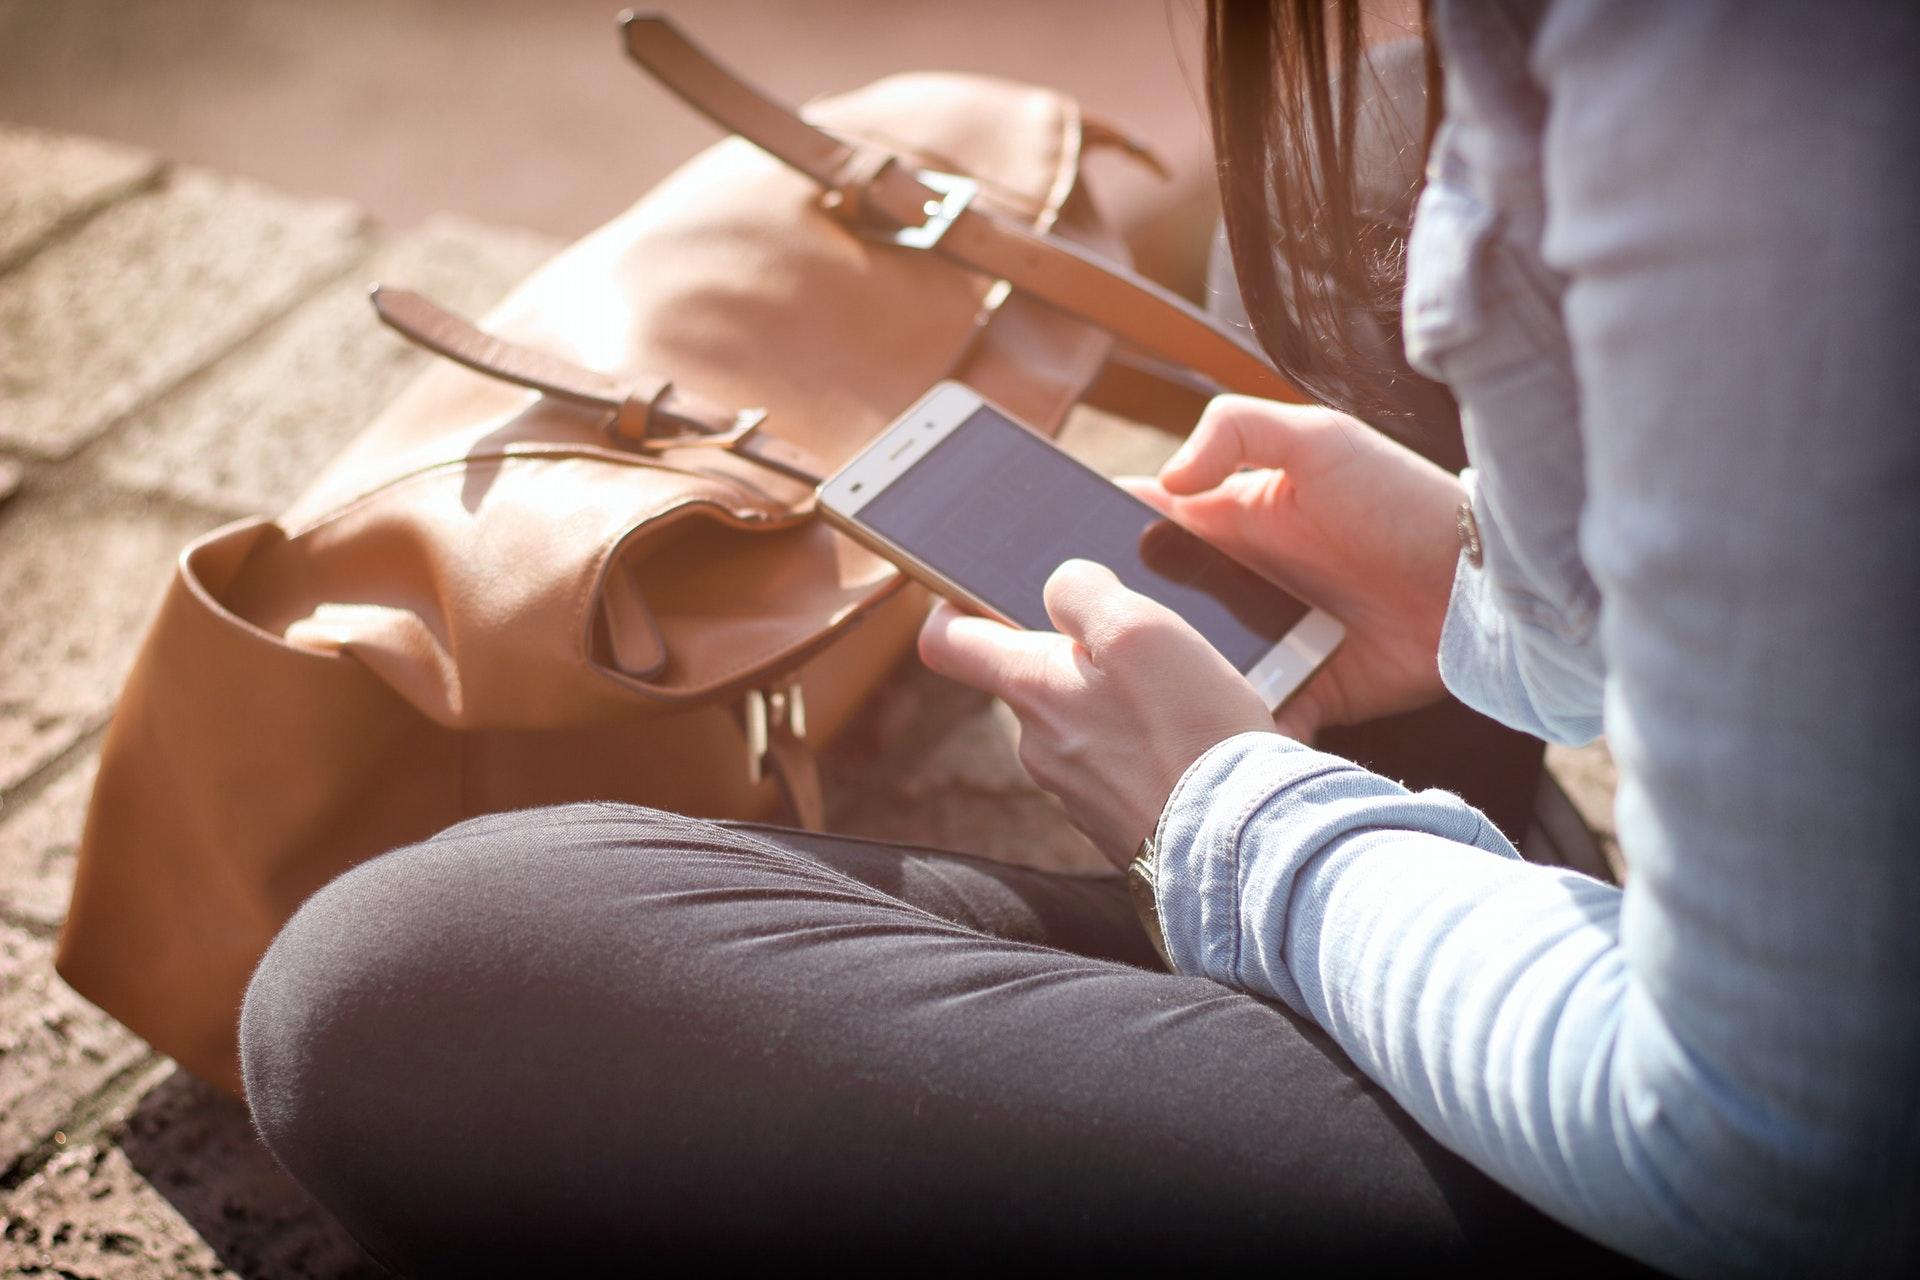 道端でスマートフォンを見る女性